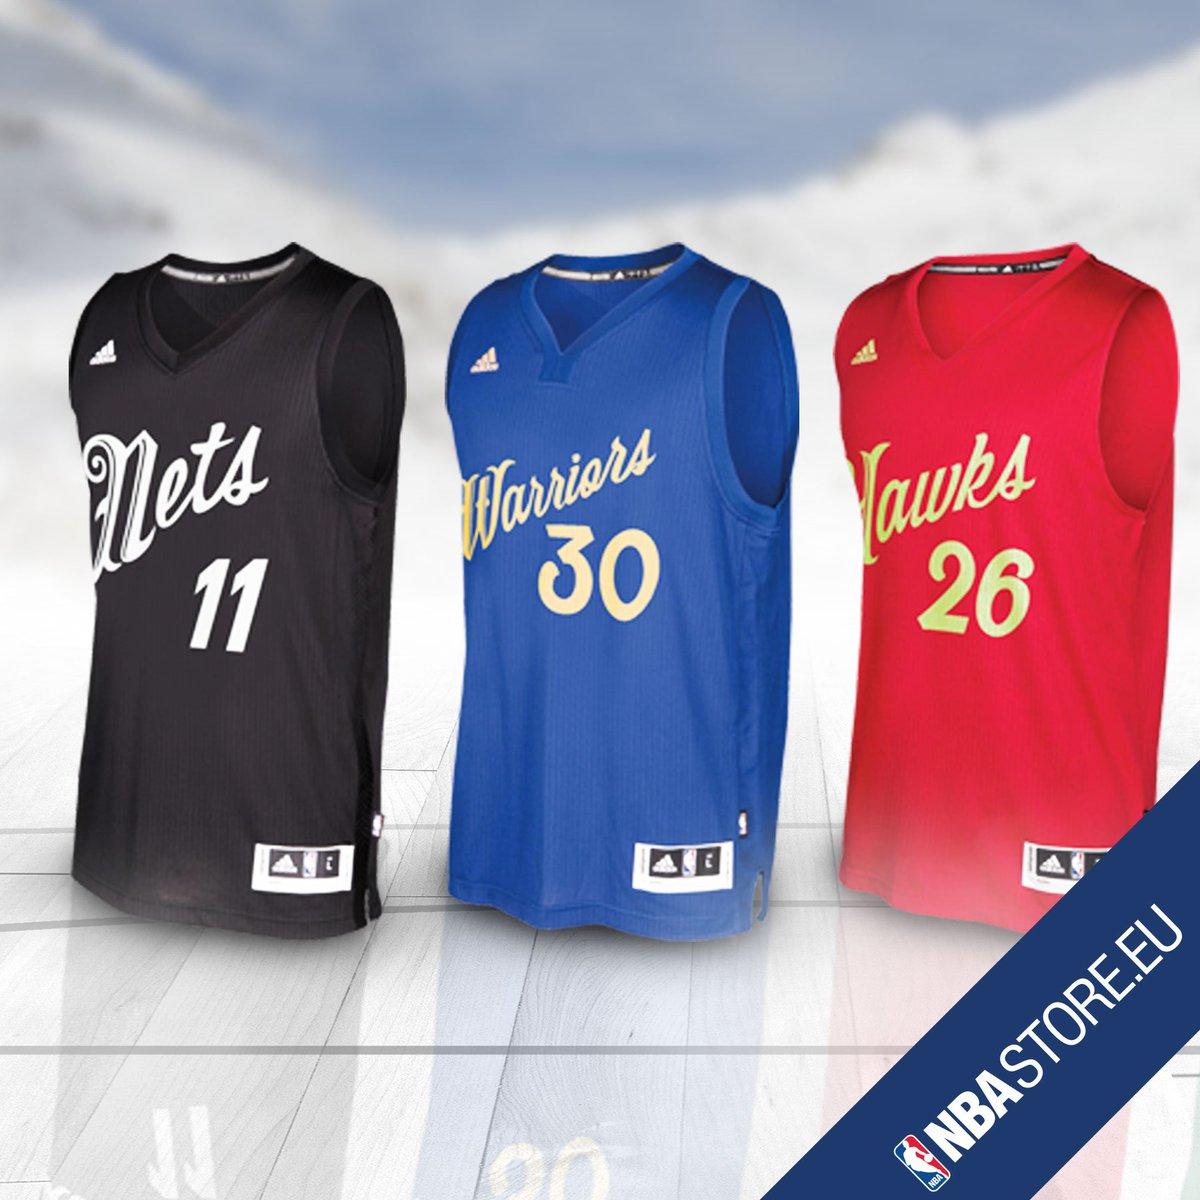 La NBA presenta las camisetas adidas del día de Navidad